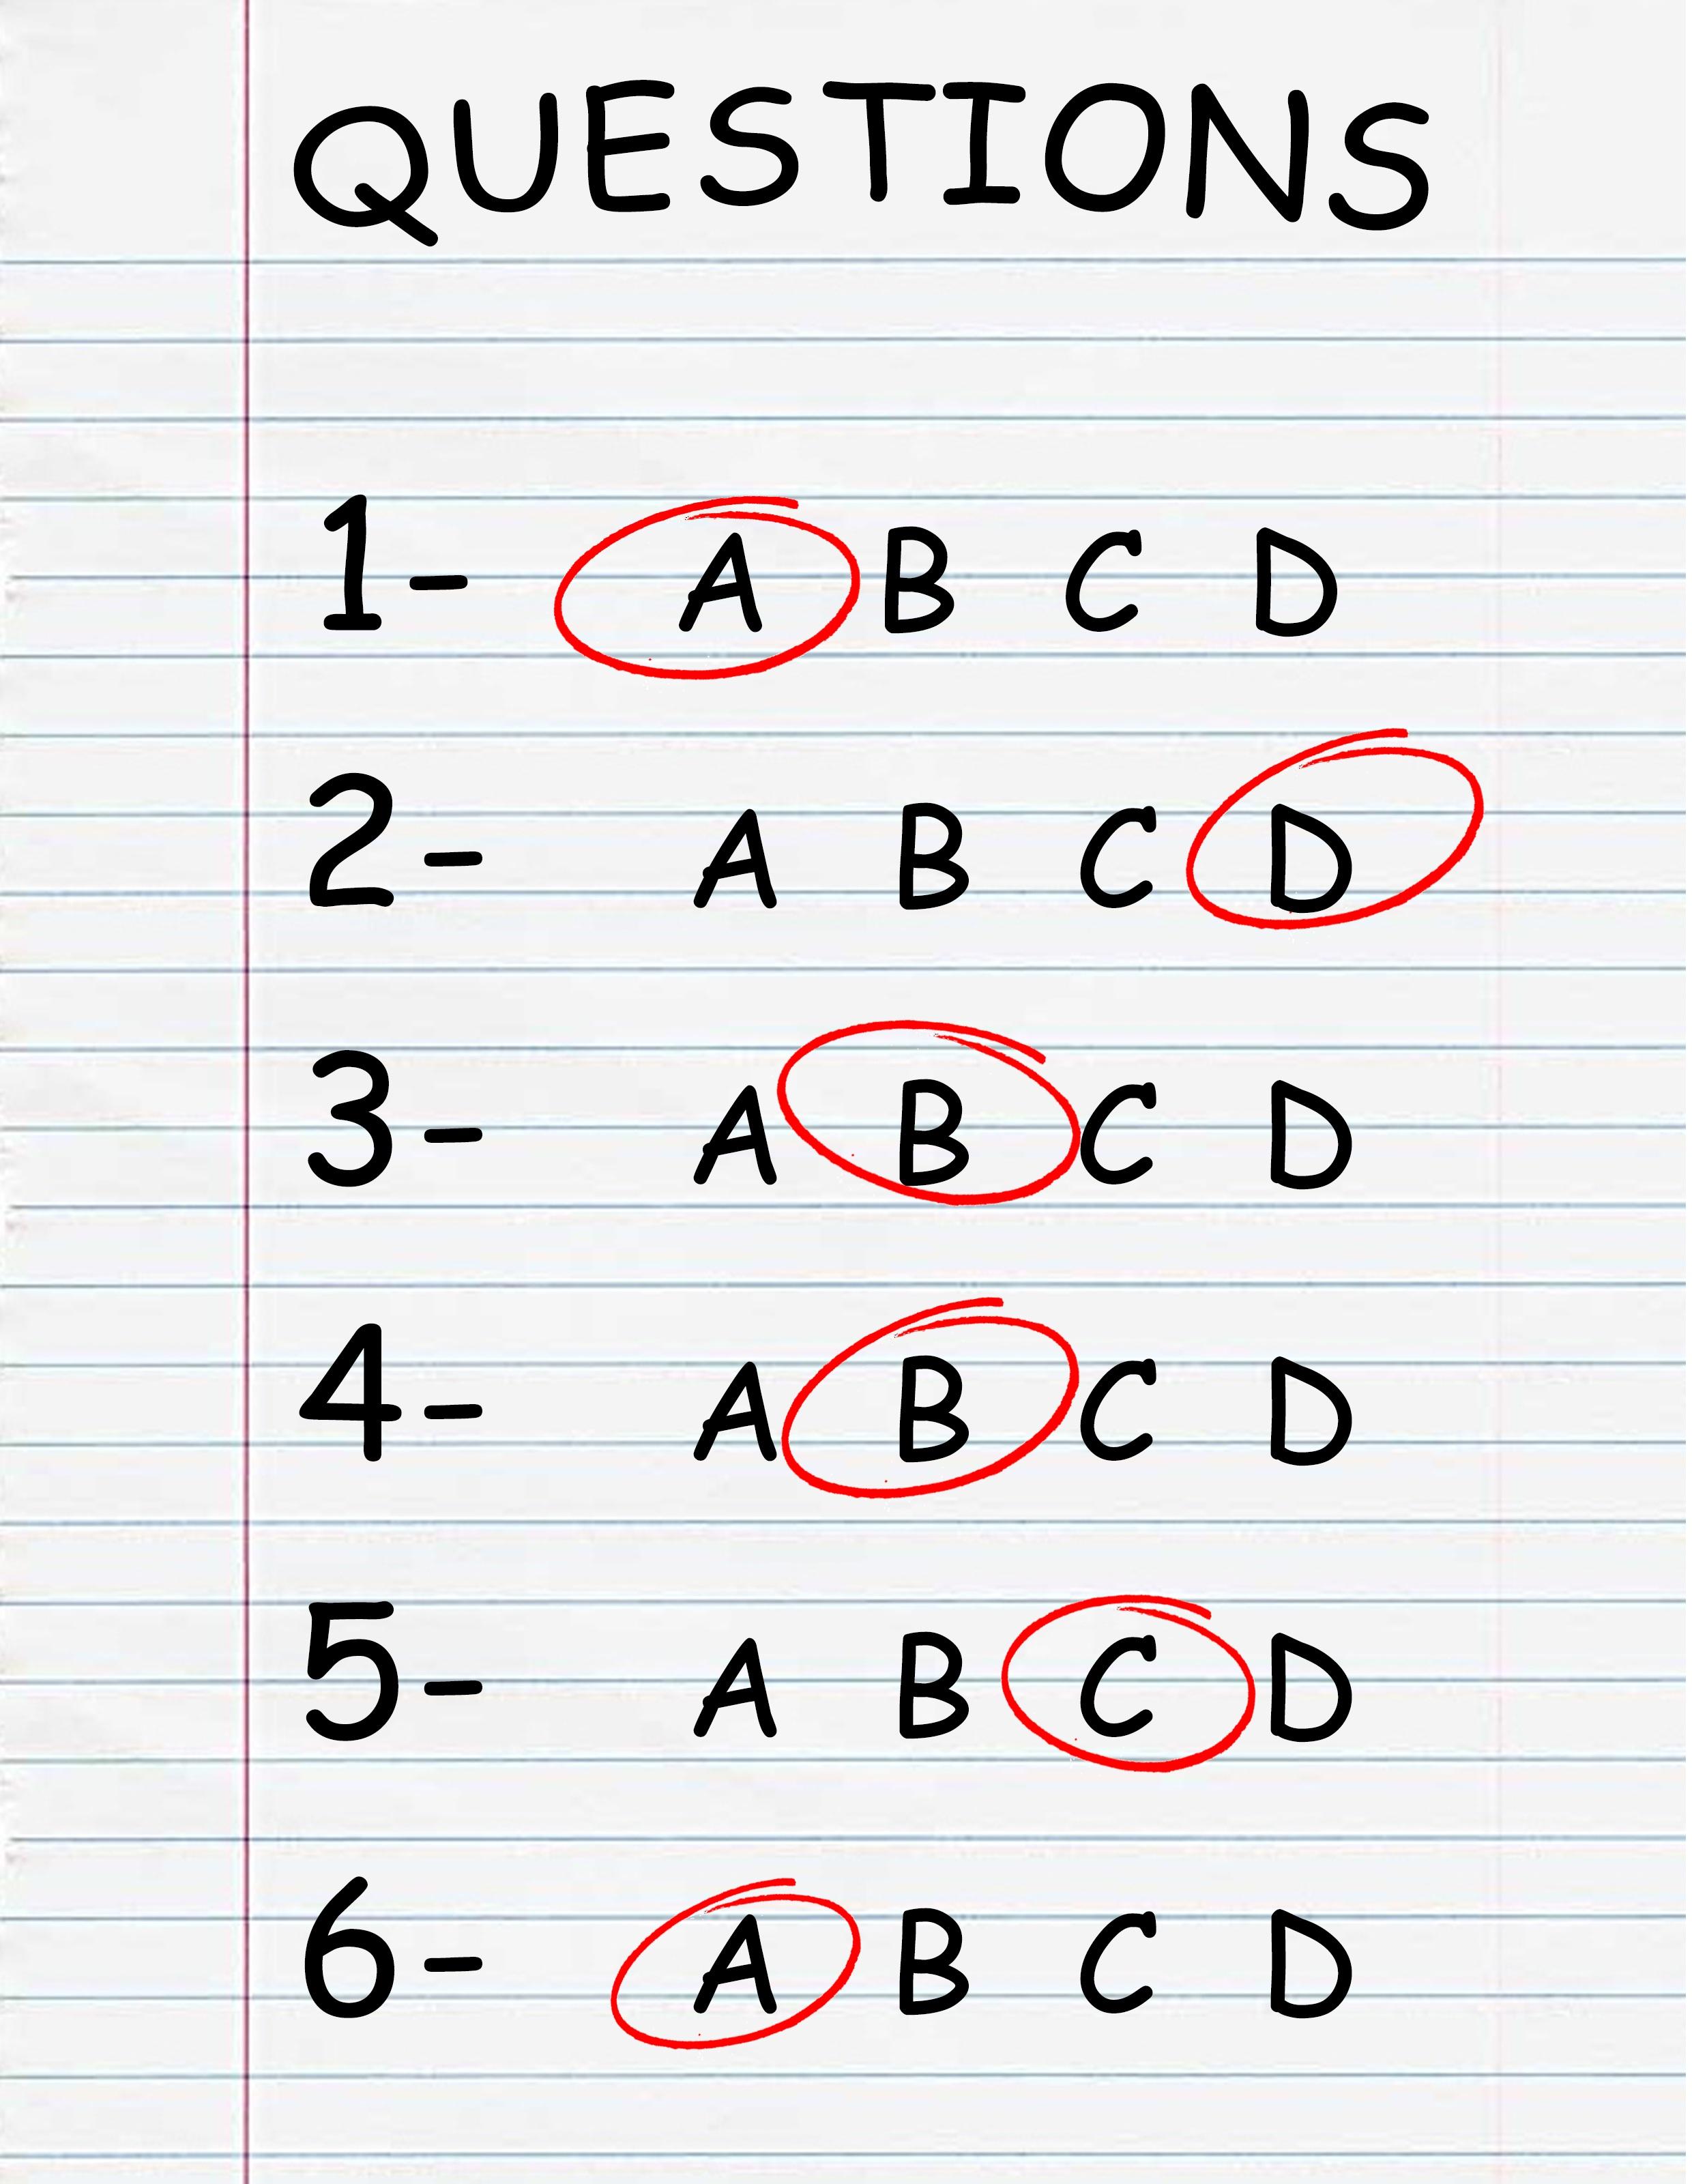 картинки линия шрифт Диаграмма Форма Тестирование  линия шрифт Диаграмма Форма Тестирование контрольная работа экзамен ответ Опрос анкета большой выбор